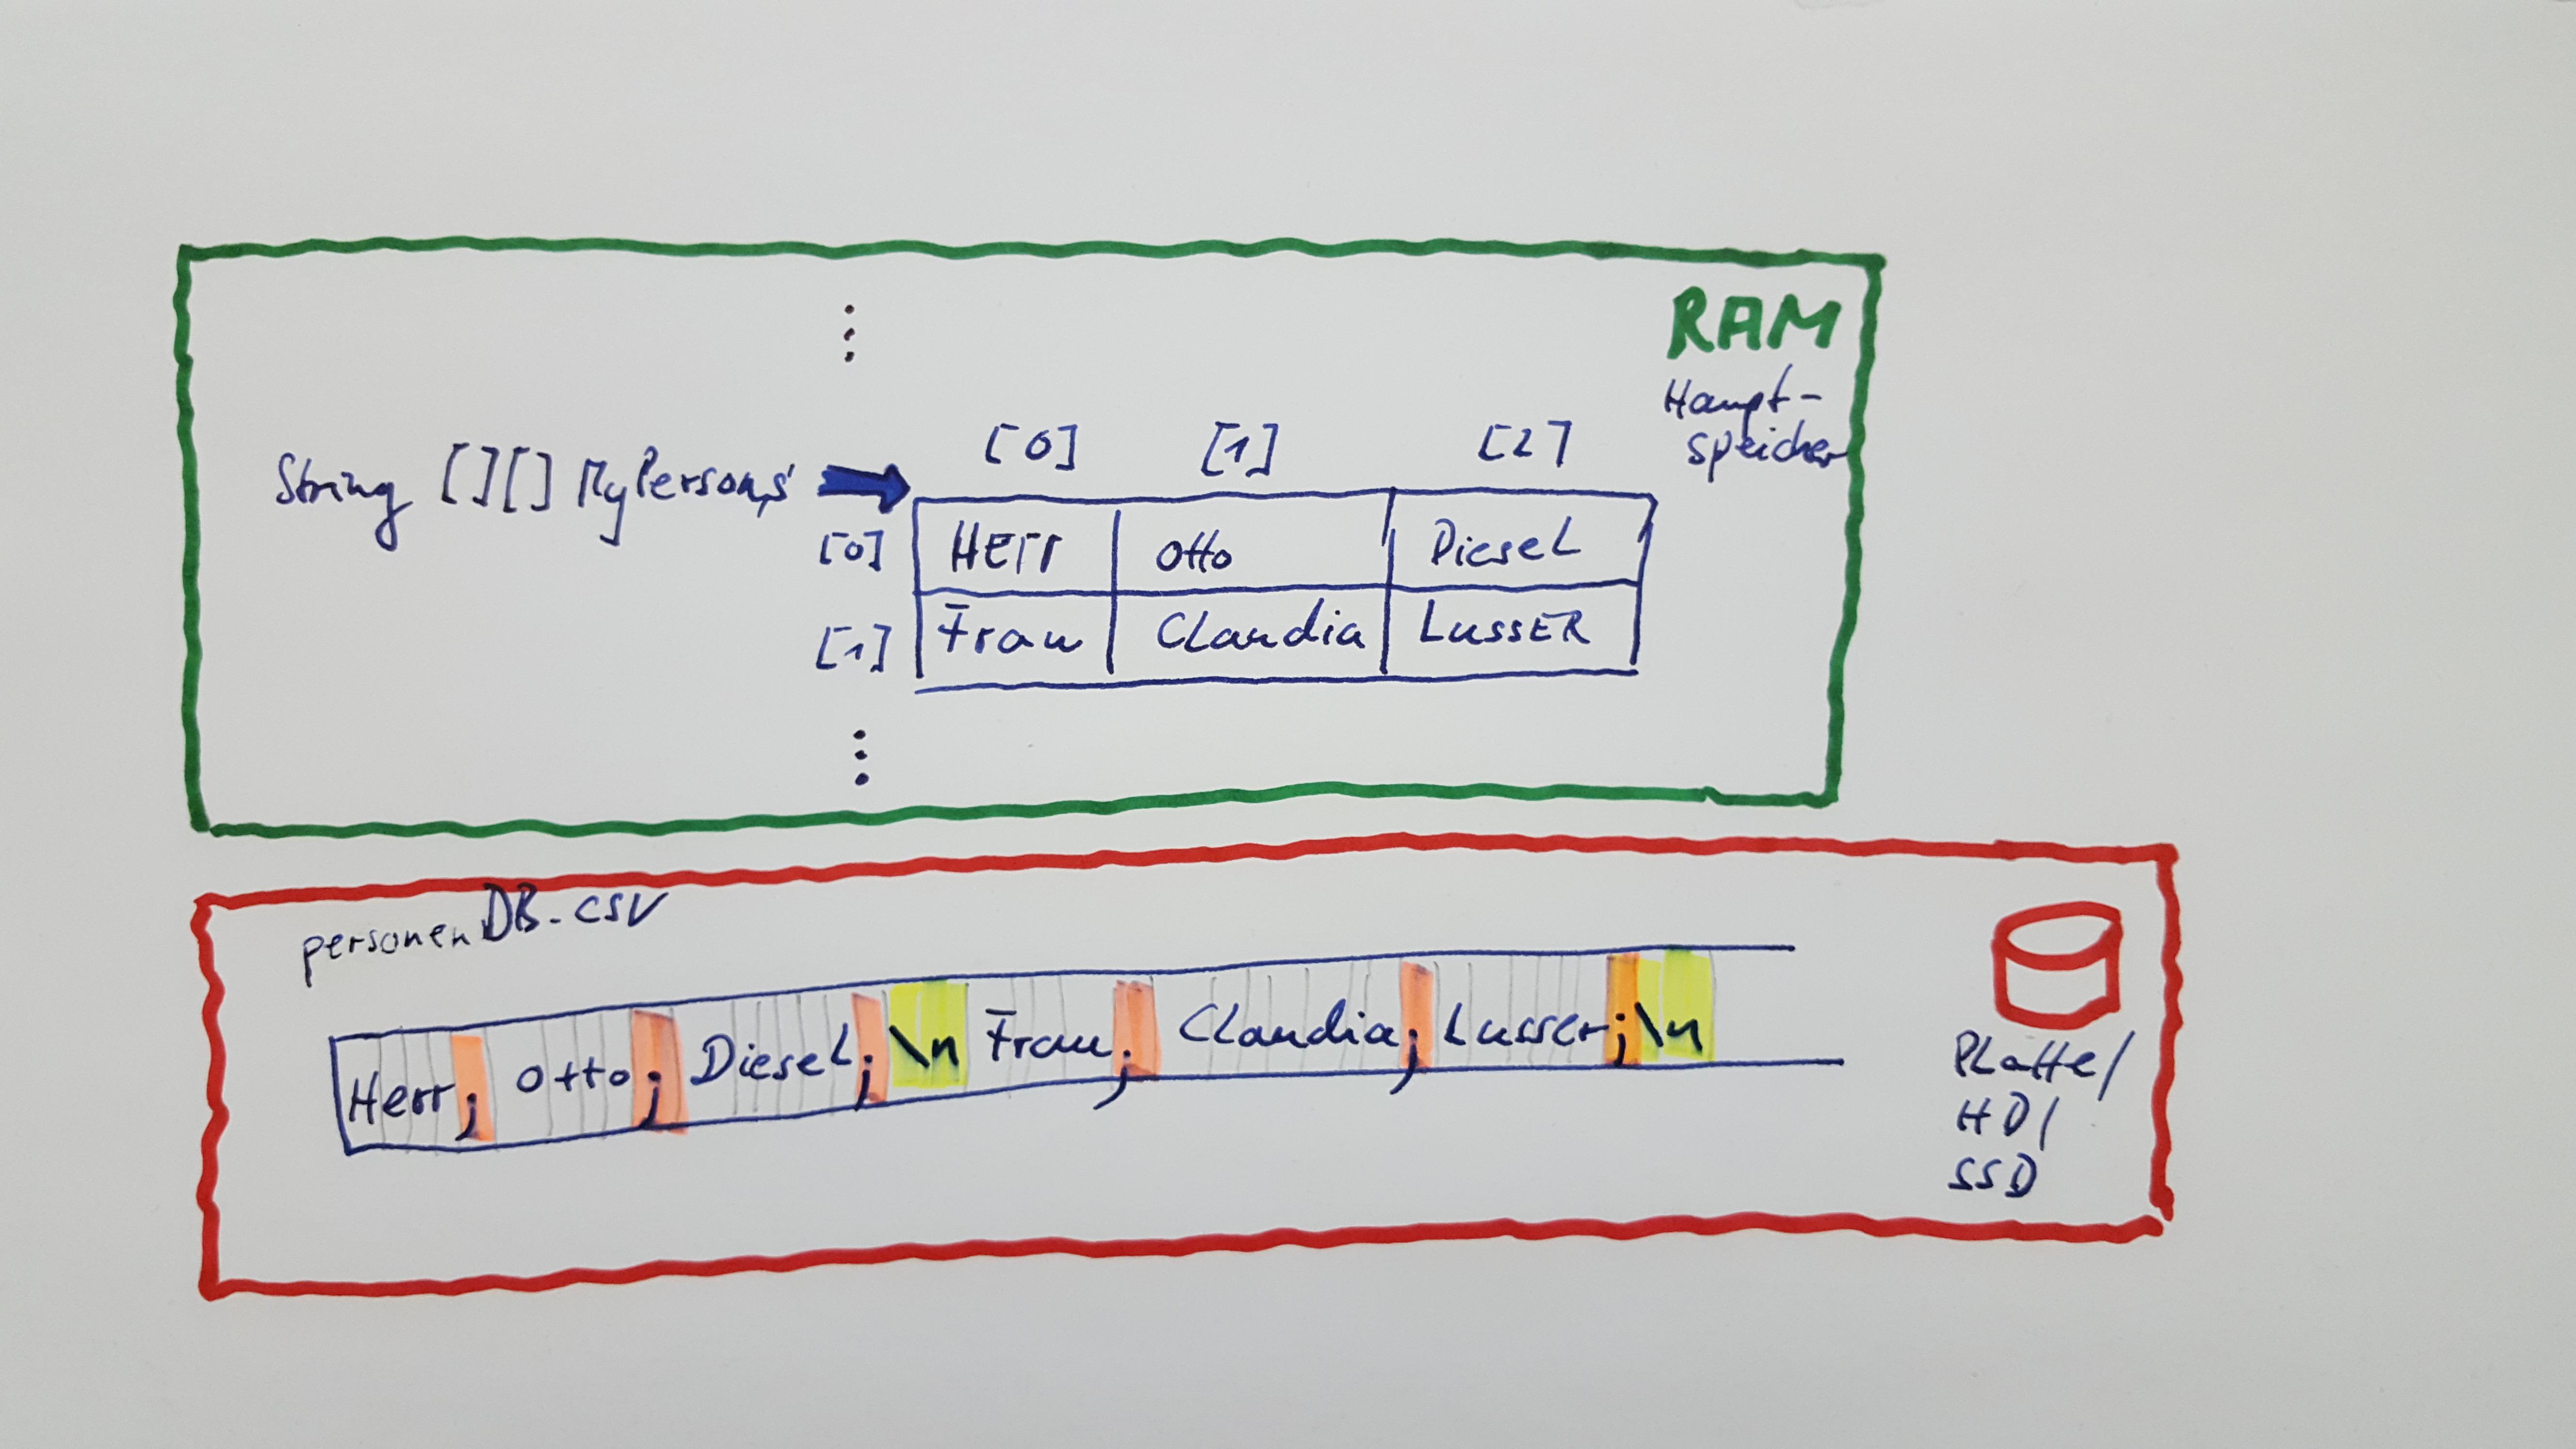 RAM_und_Platte